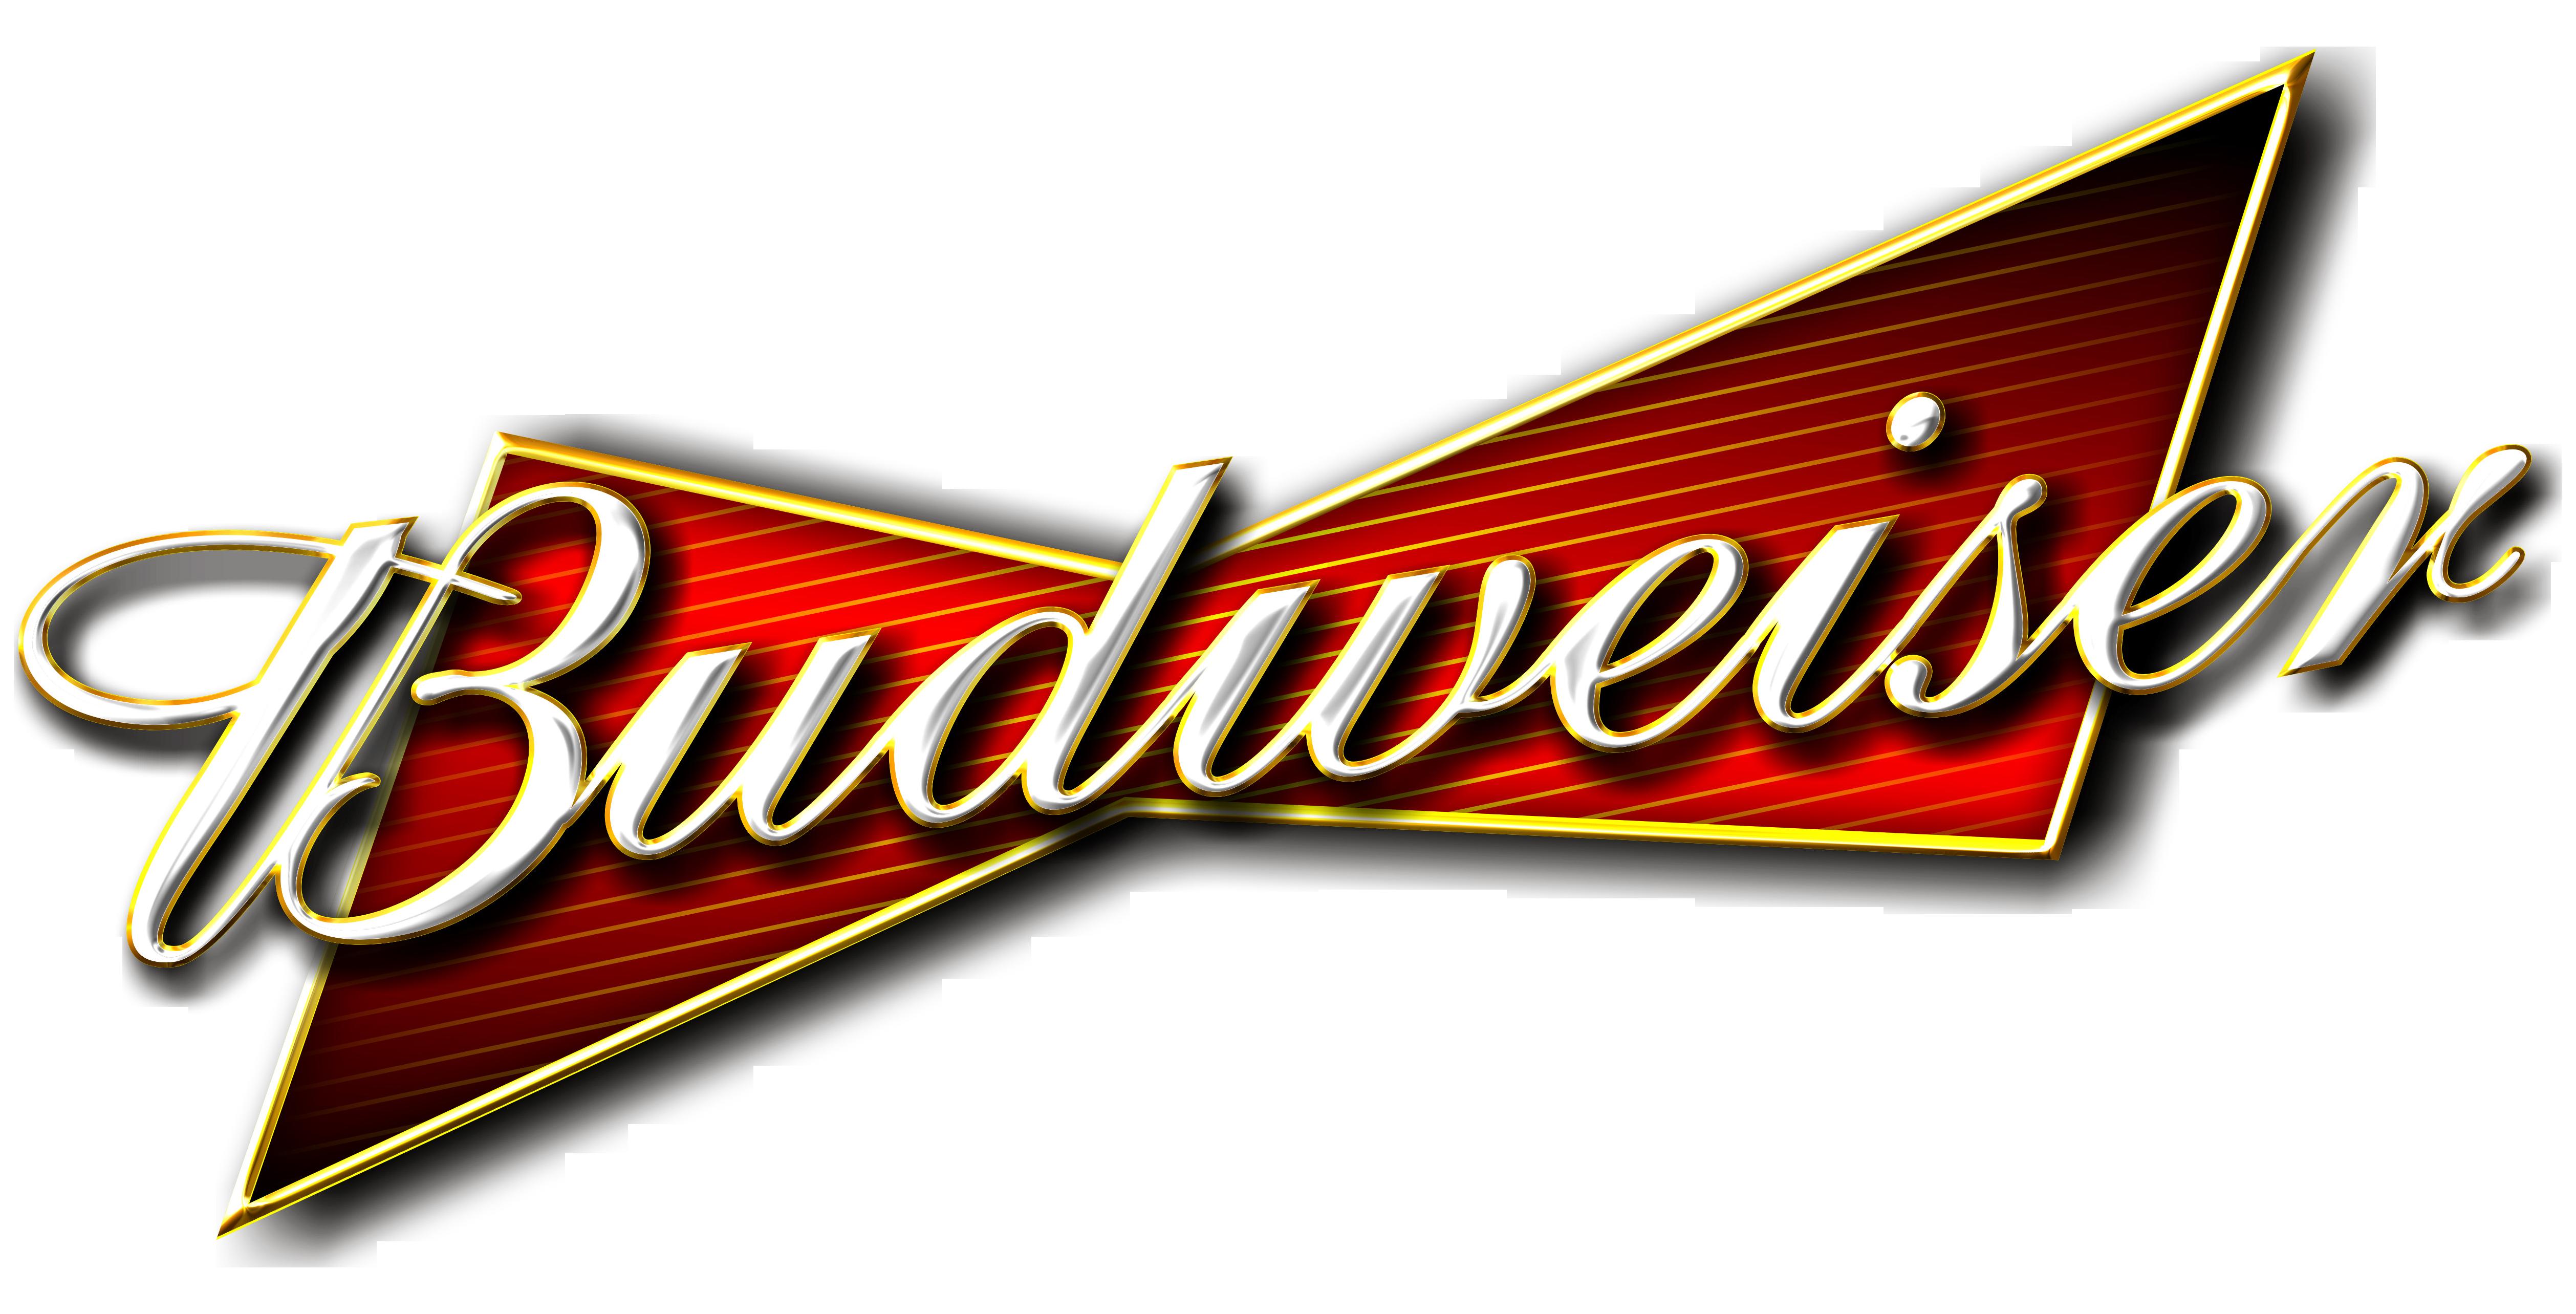 budweiser logo hd png